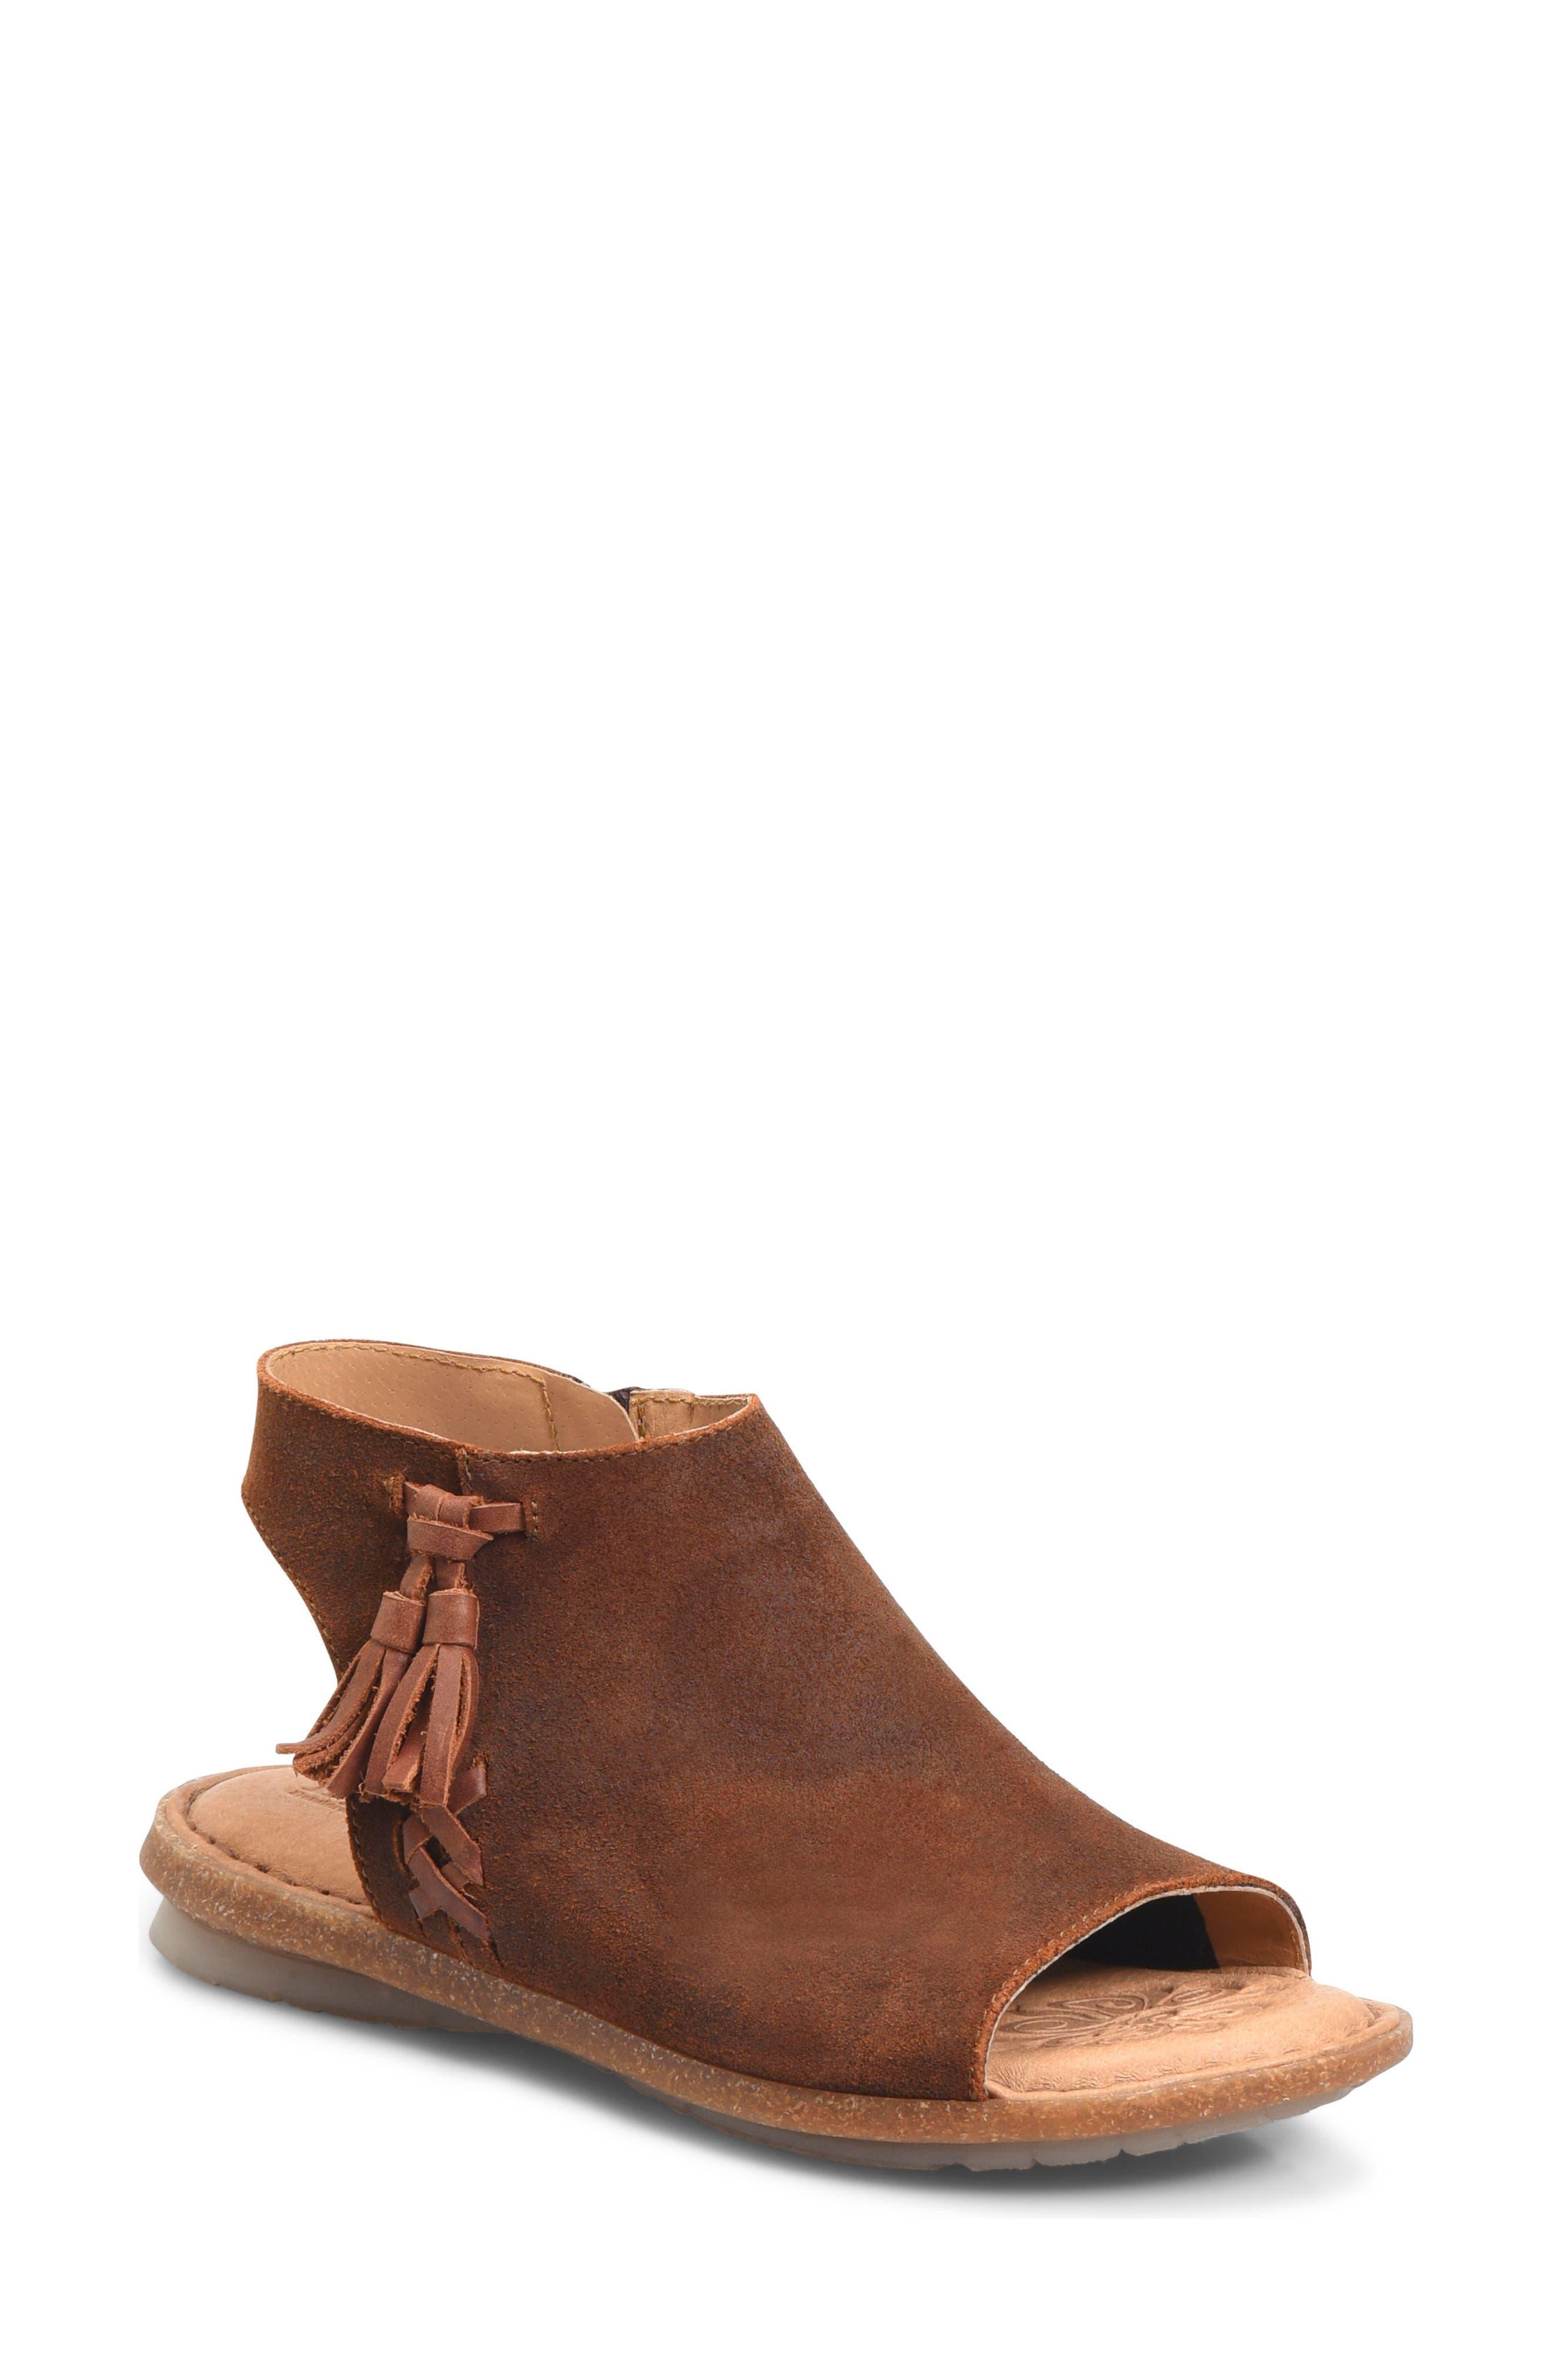 Rikke Sandal,                         Main,                         color, Rust Suede